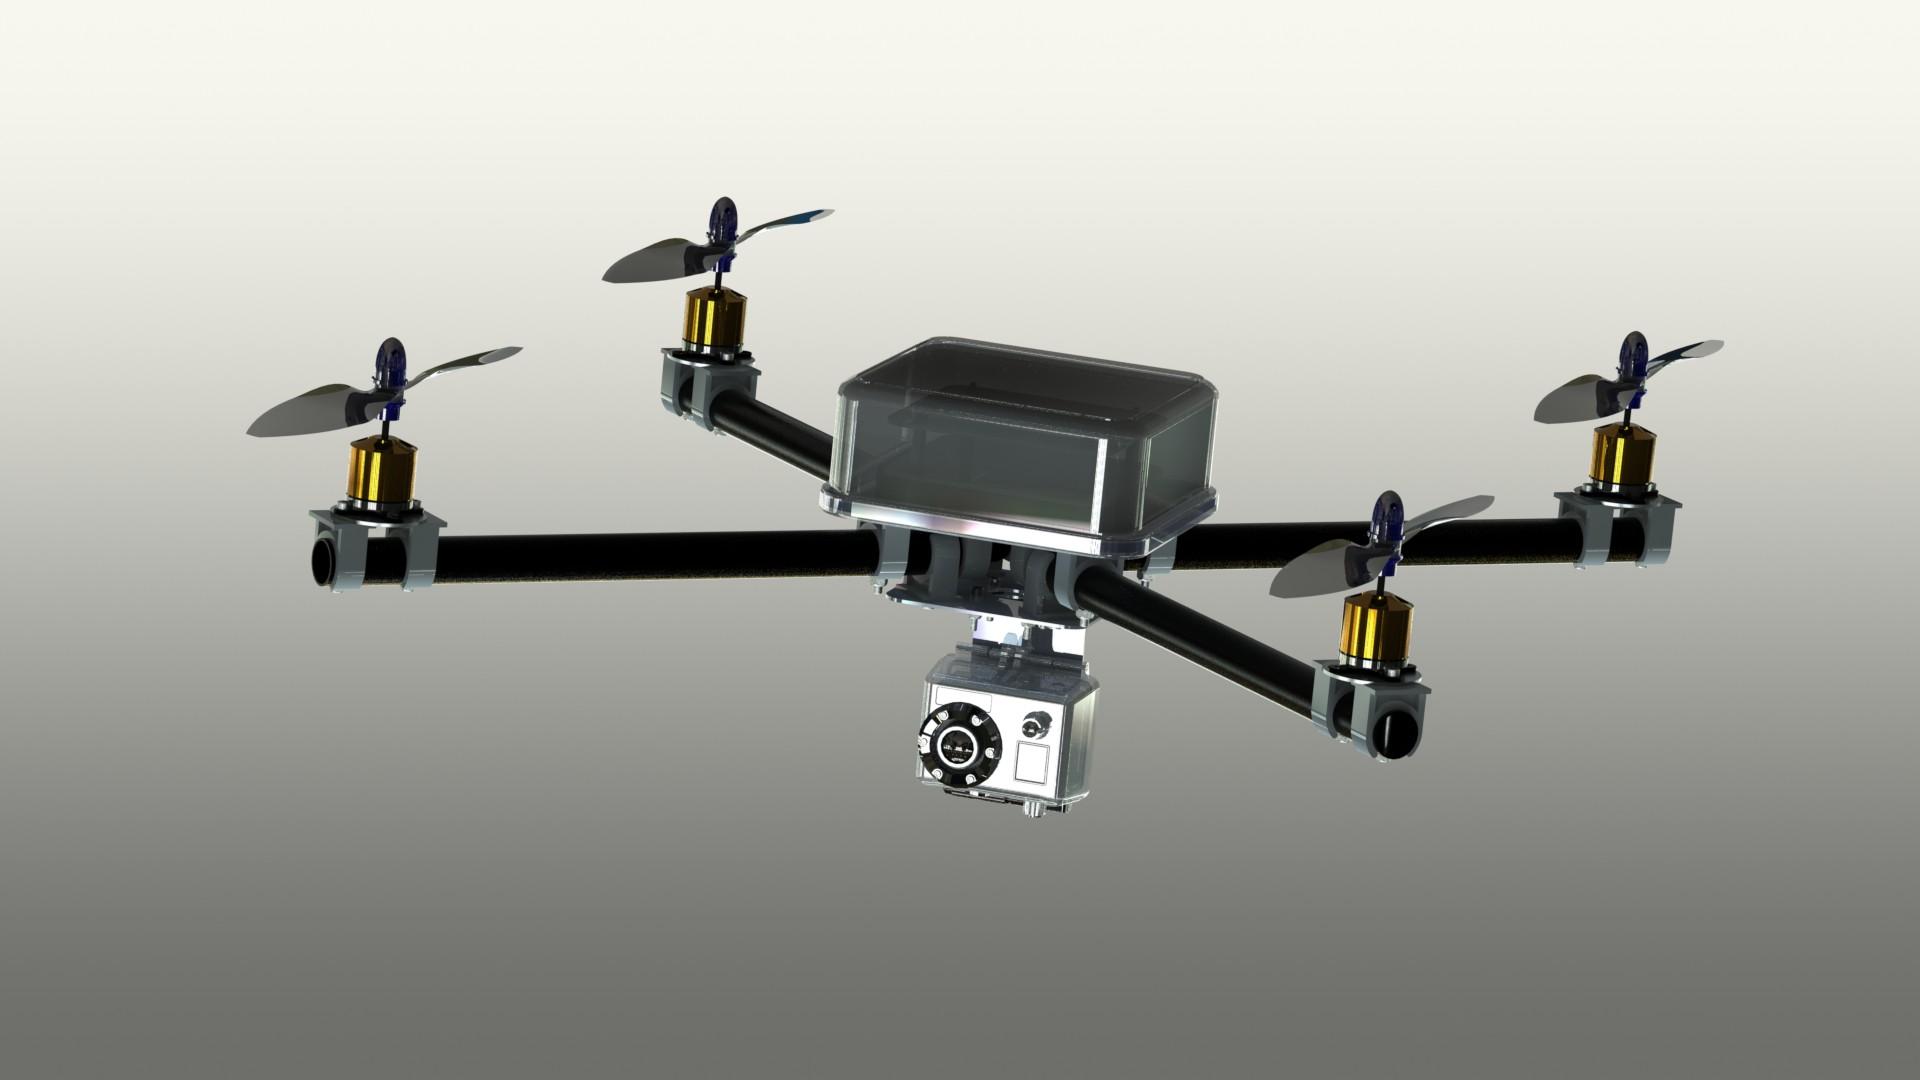 飞机螺旋桨是怎么产生推力的?产生推力的方式和转动方向有什么关系?图片